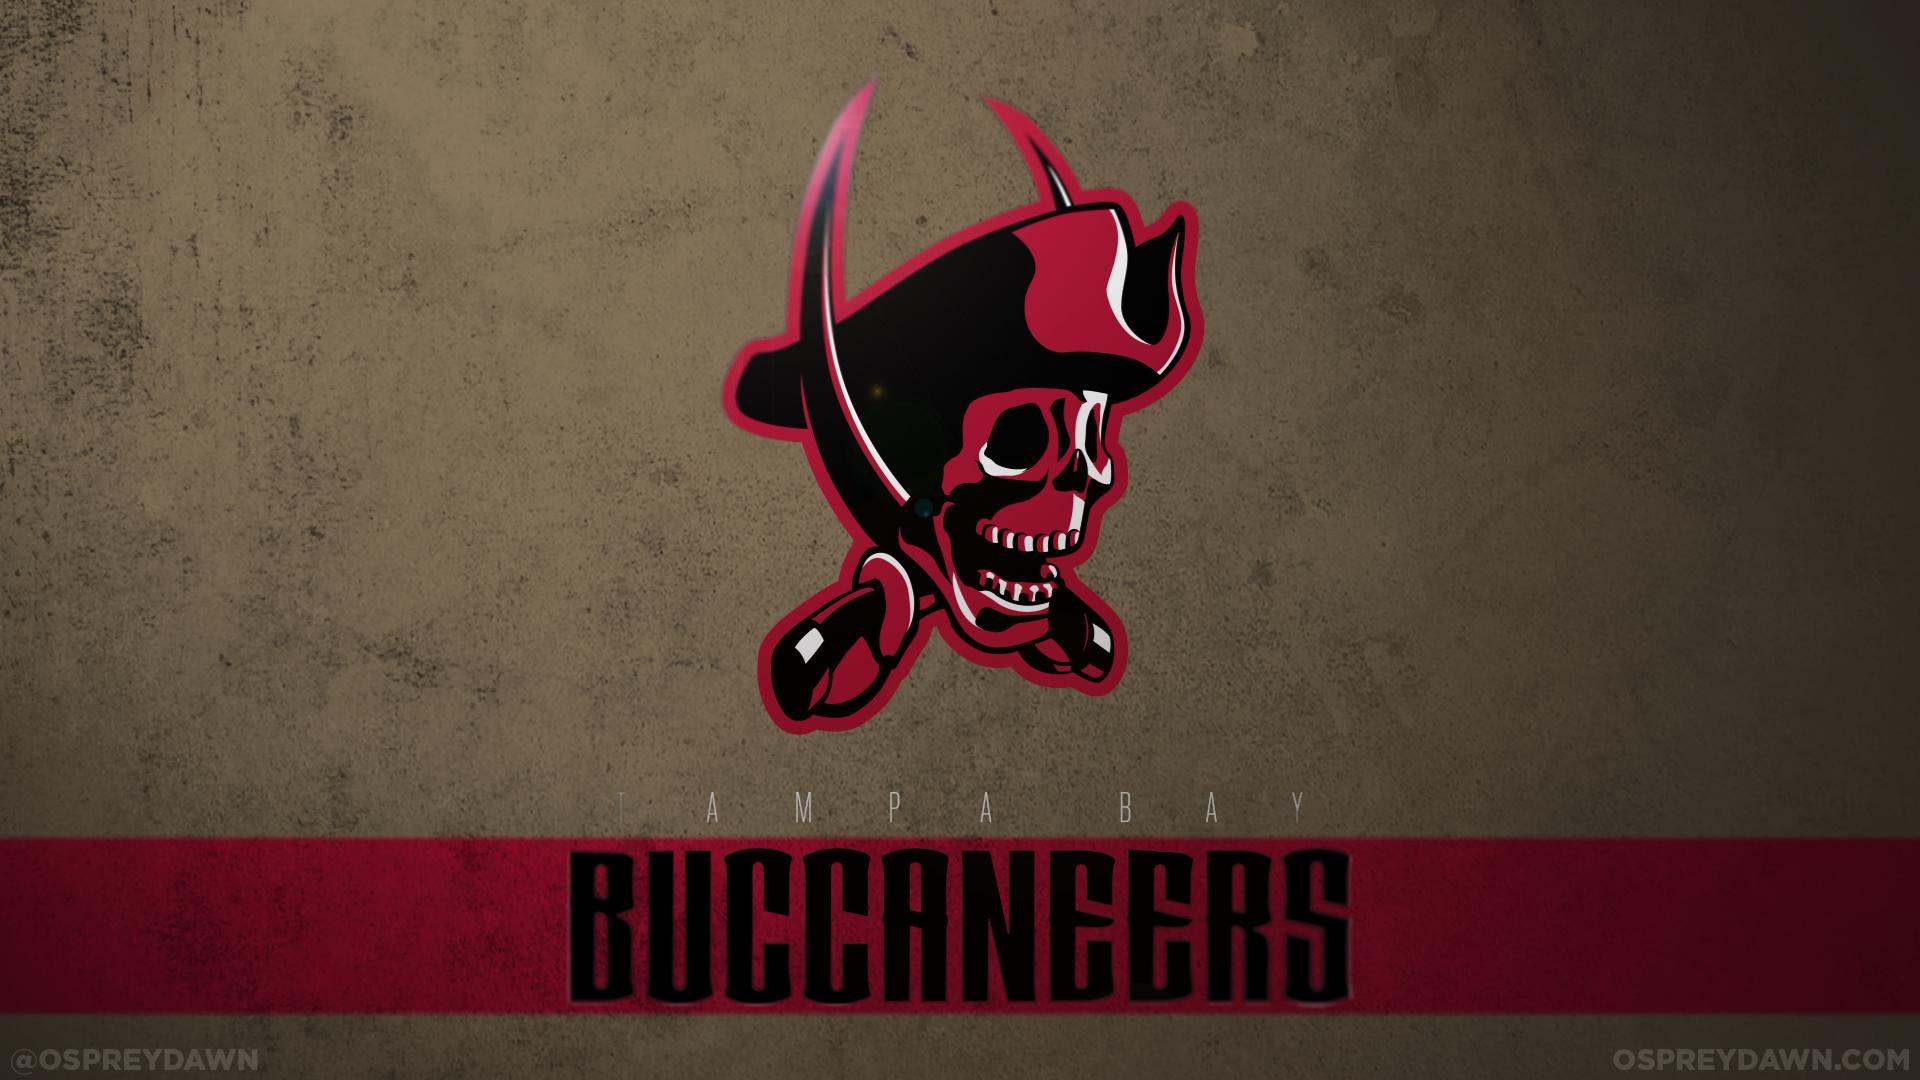 Buccaneers Wallpaper